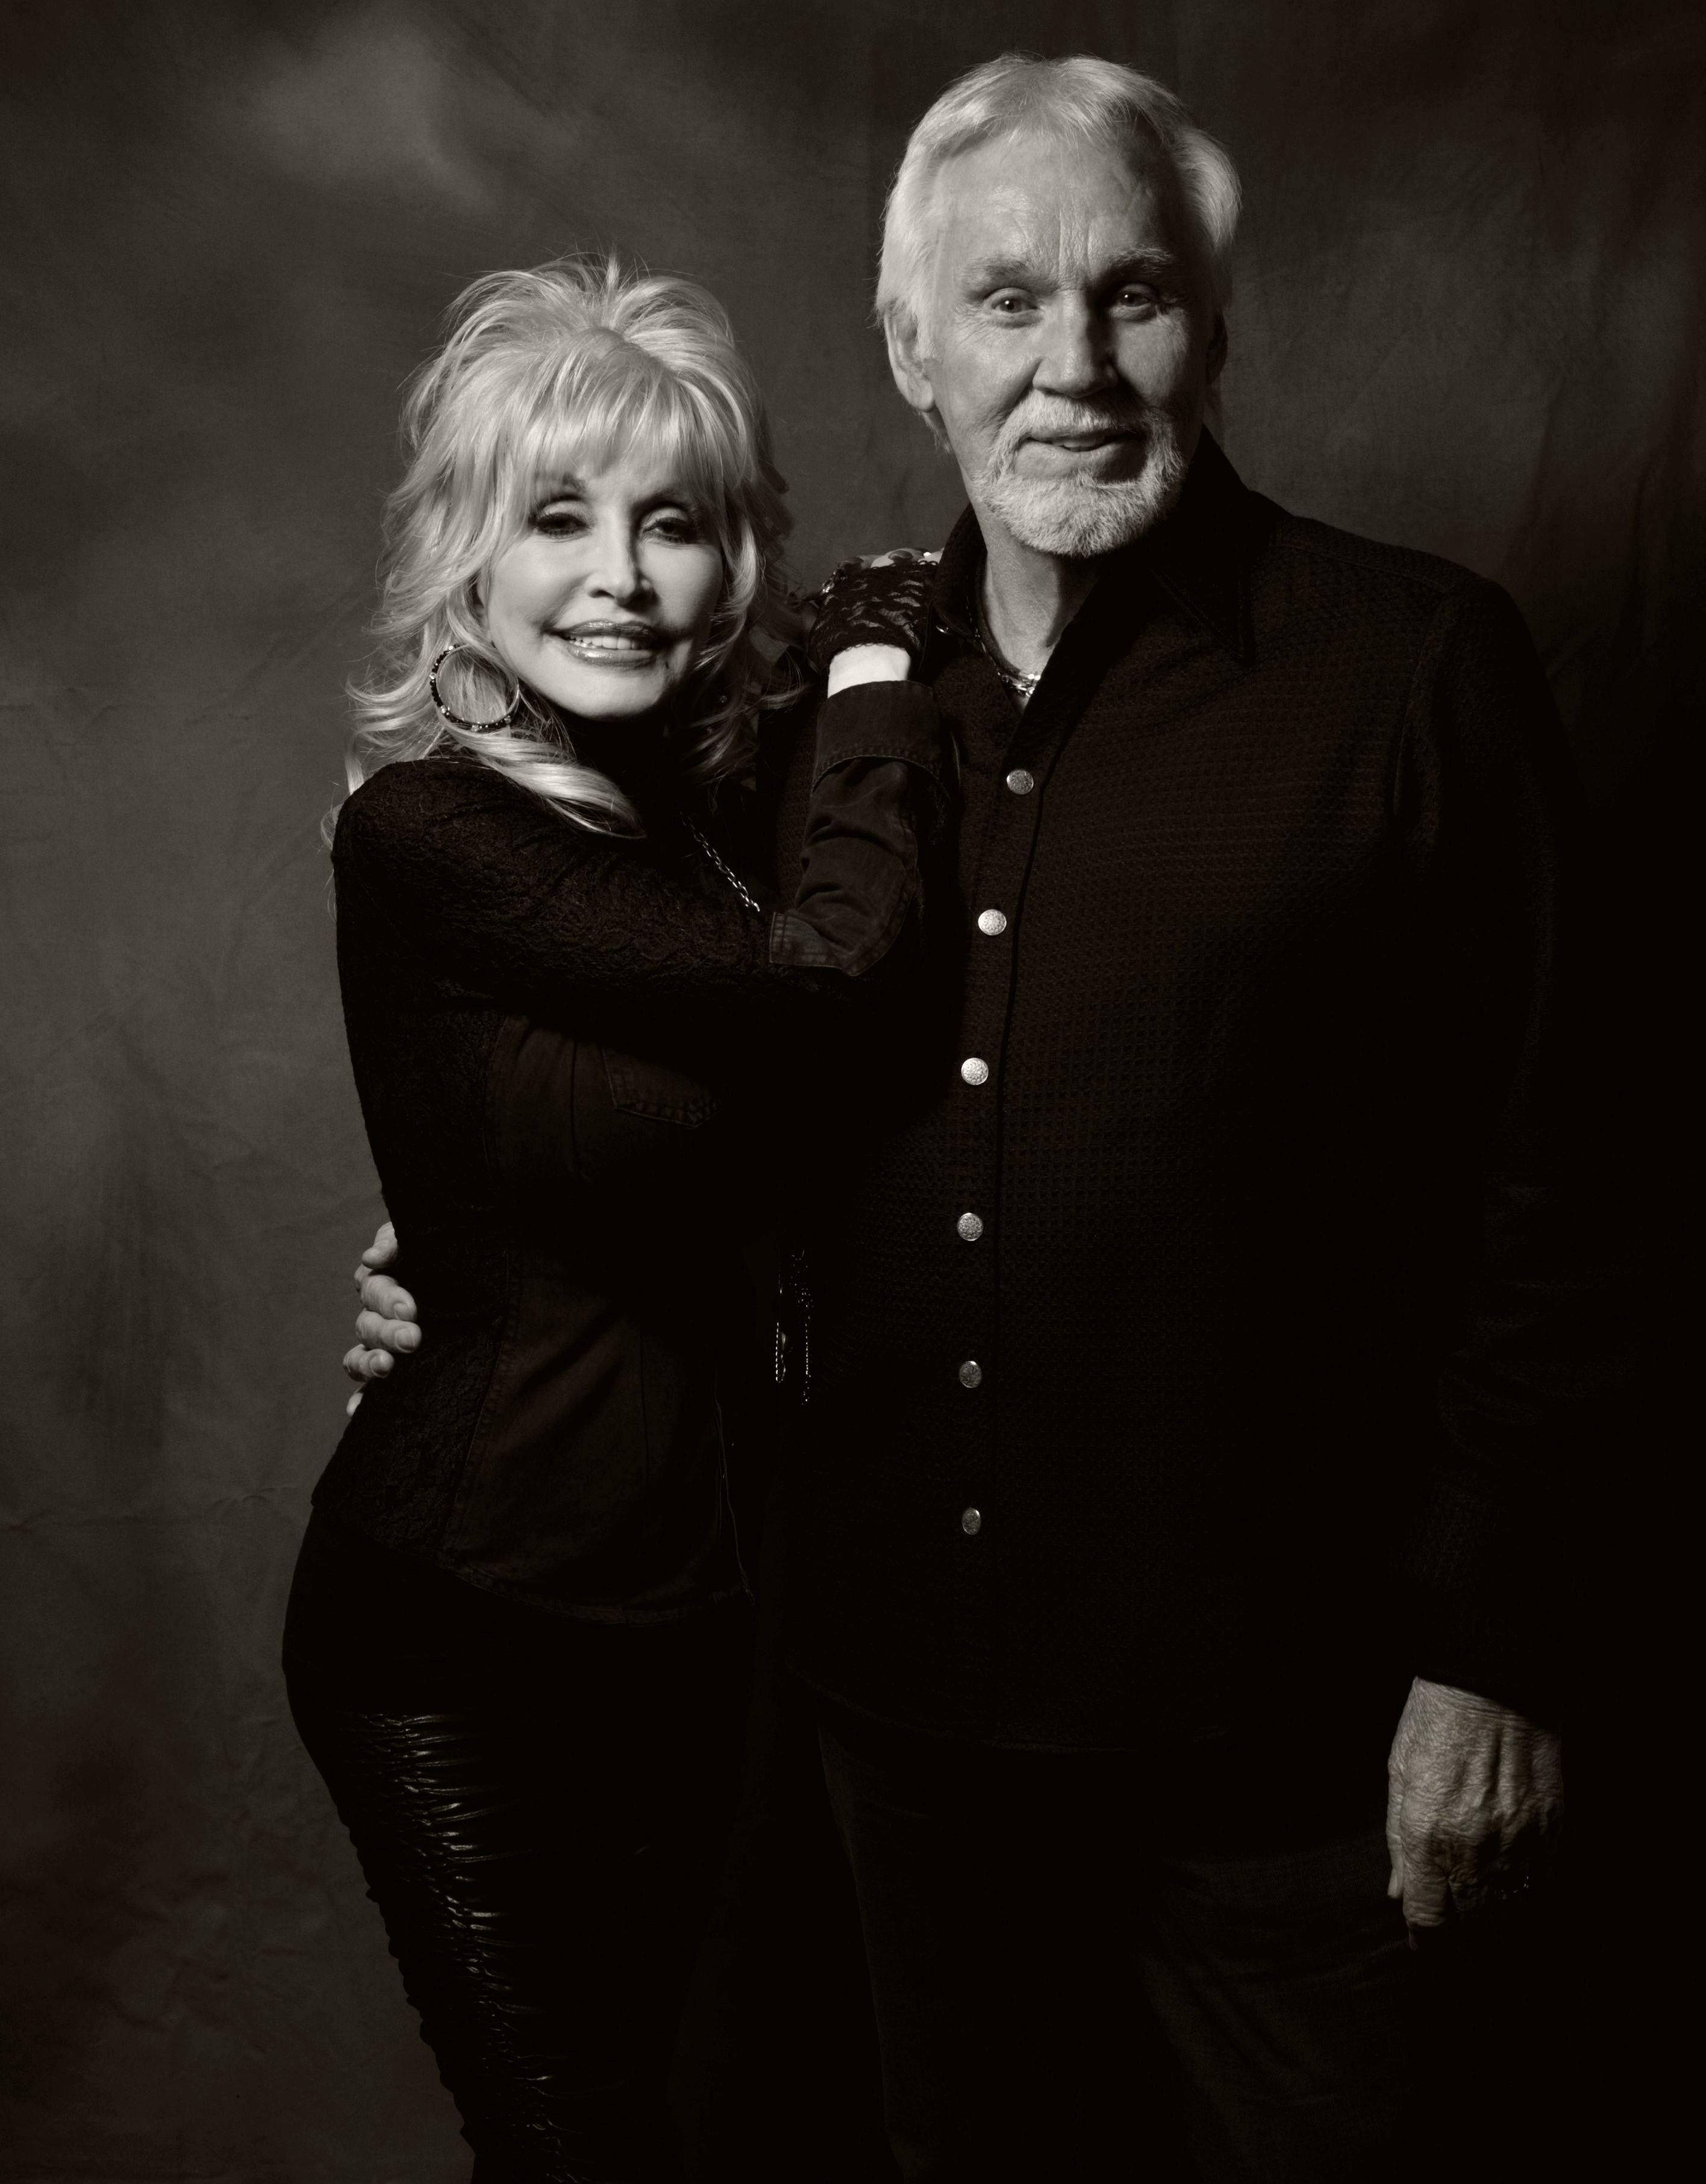 Foto de Kenny Rogers & Dolly Parton  número 63760